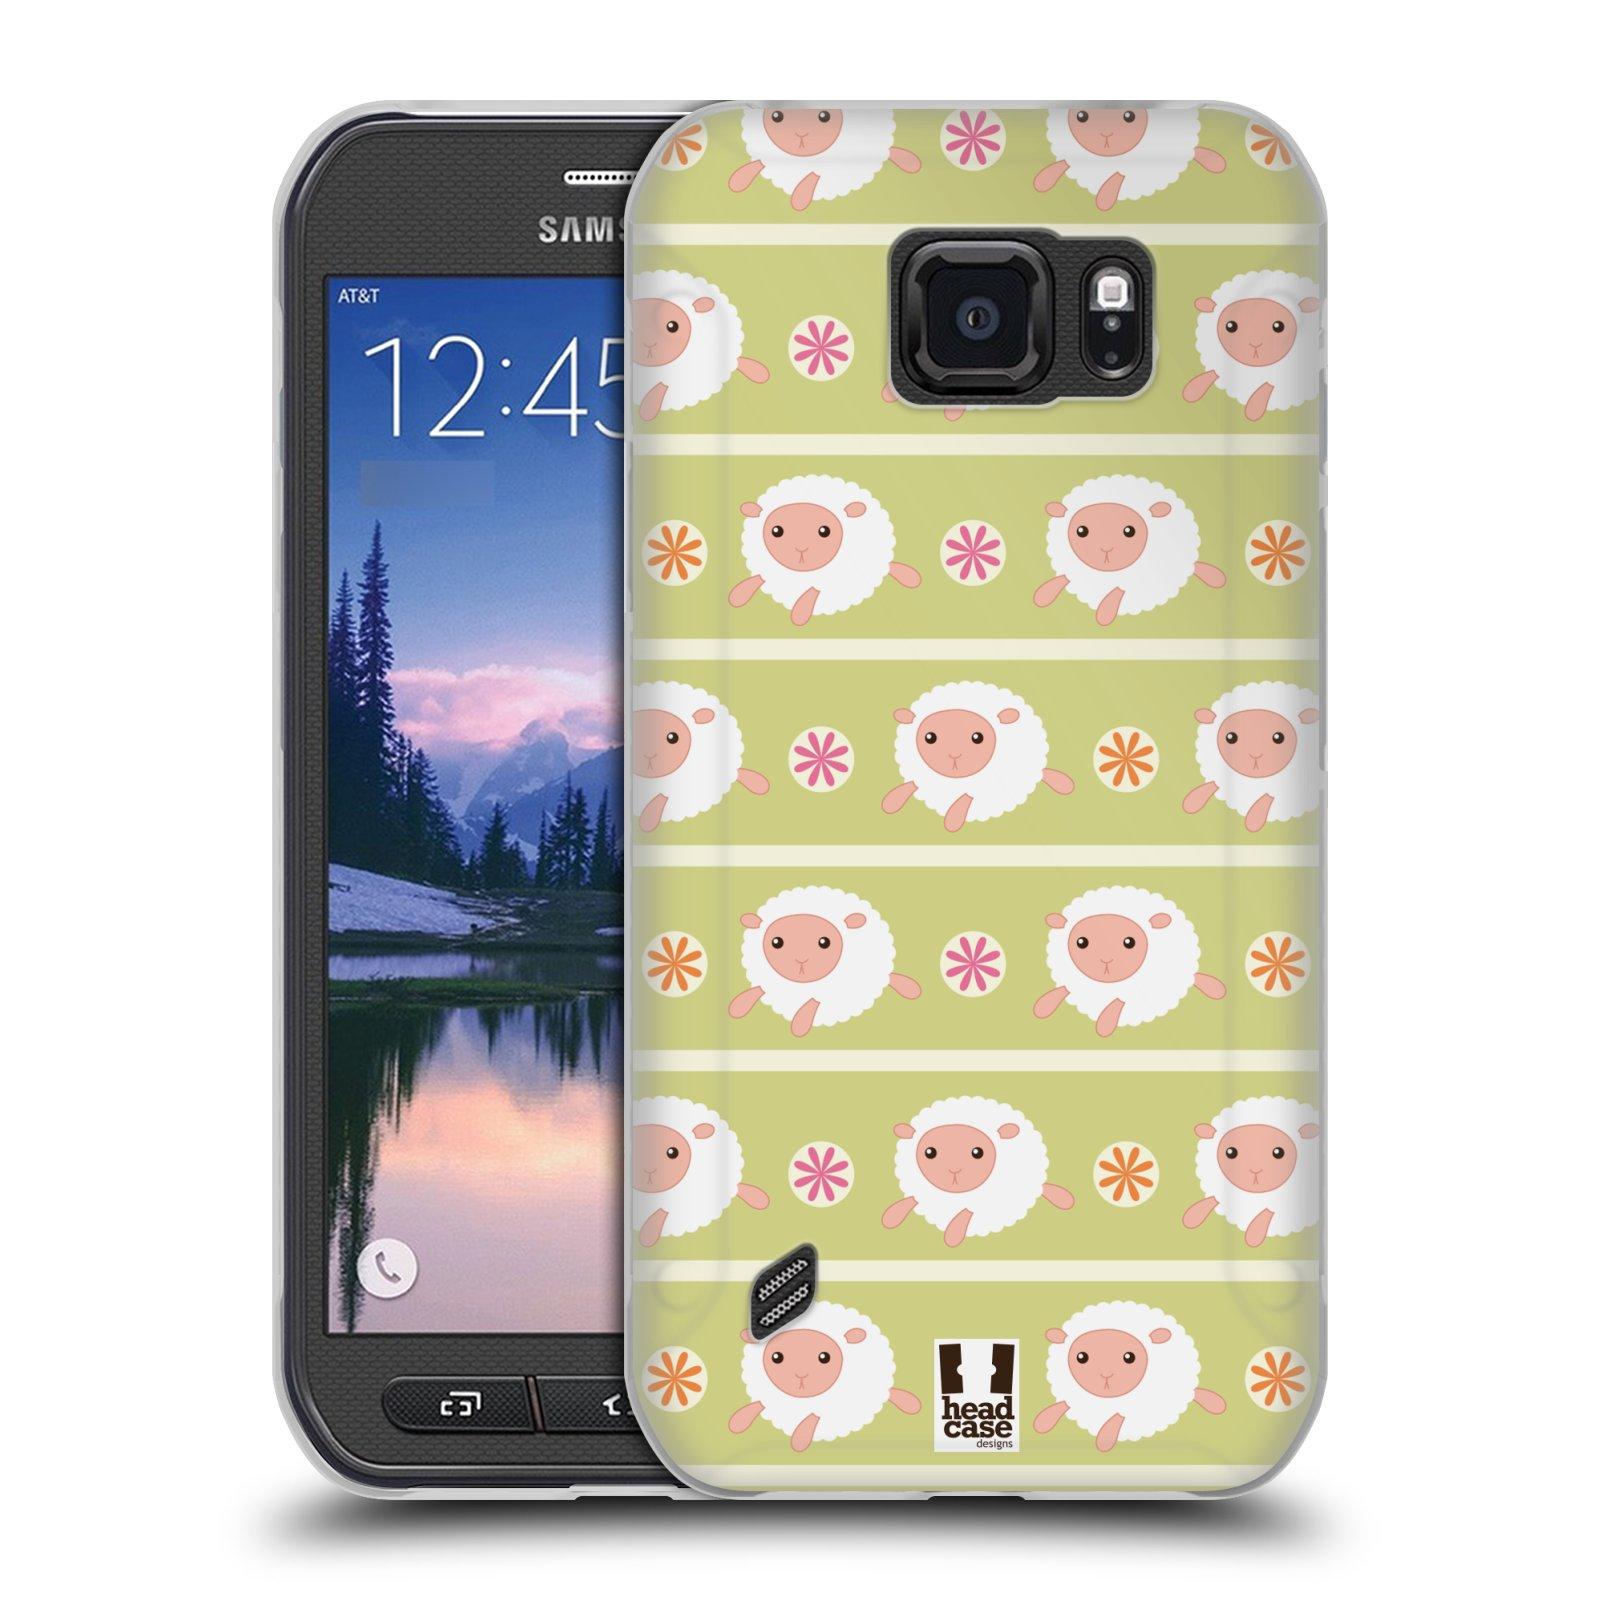 HEAD CASE silikonový obal na mobil Samsung Galaxy S6 ACTIVE vzor roztomilé zvířecí vzory ovečky